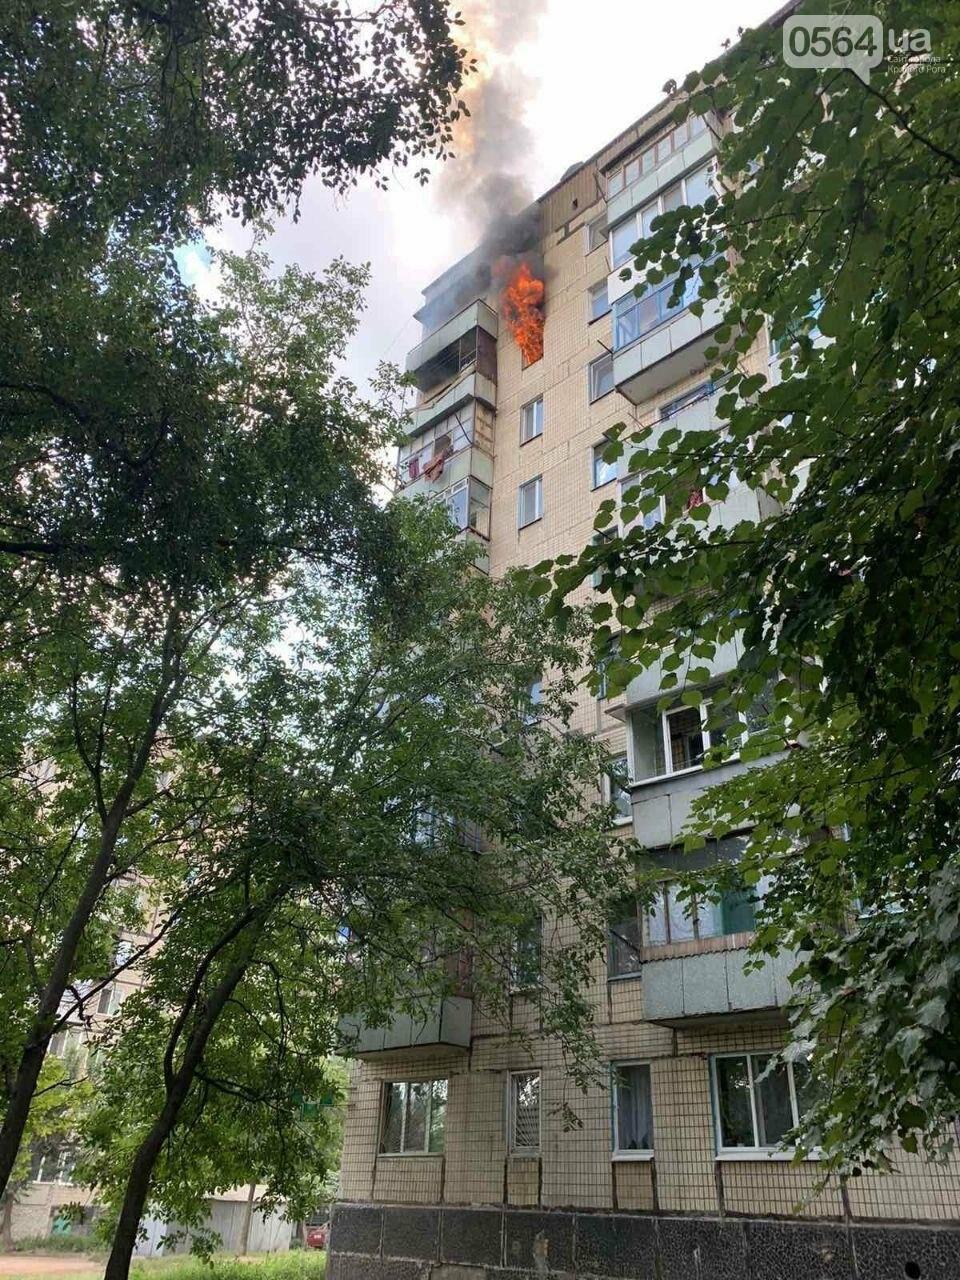 Во время пожара в криворожской многоэтажке спасли двоих людей, - ФОТО , фото-1